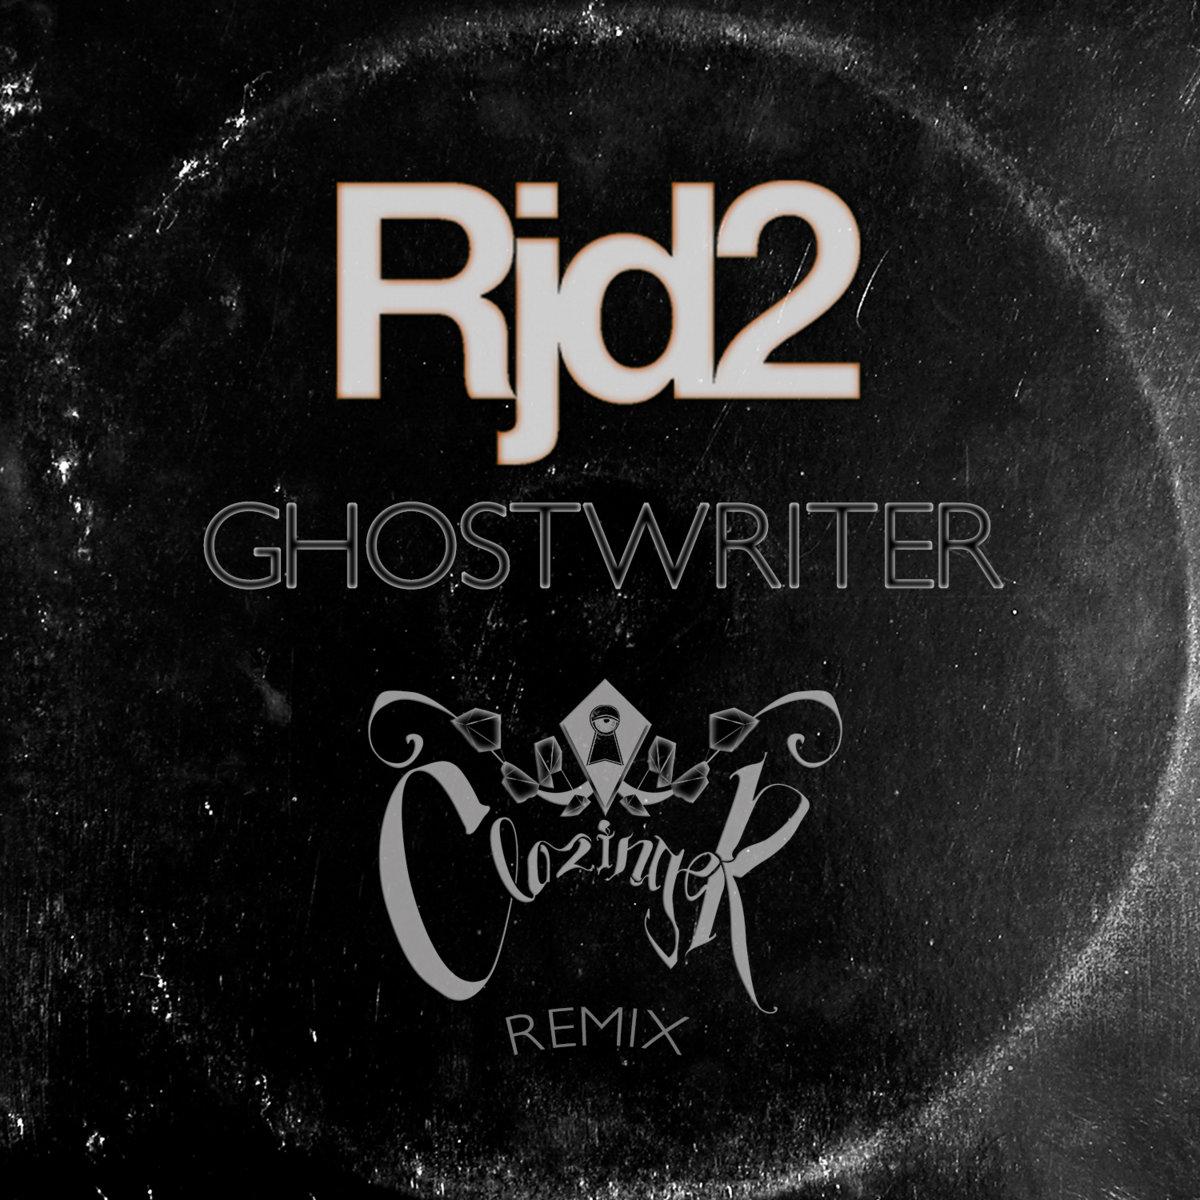 Ghostwriter remix